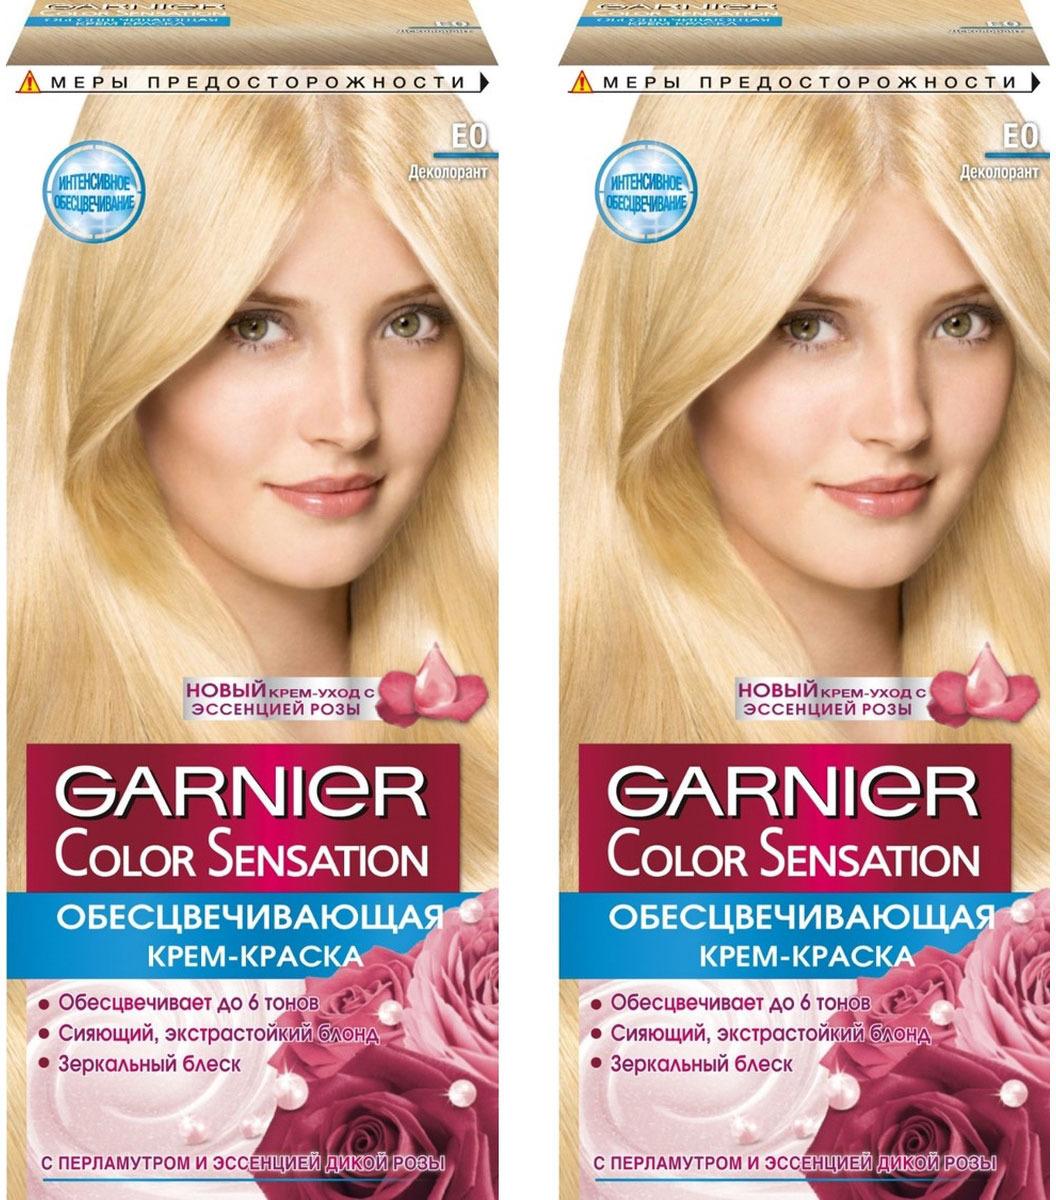 Стойкая крем-краска для волос Garnier Color Sensation, Роскошь цвета, оттенок E0, Ультра блонд, 2 шт indola стойкая крем краска для волос profession 60 мл новый и старый дизайн 141 оттенок блонд эксперт 1000 22 блондин золотистый натуральный